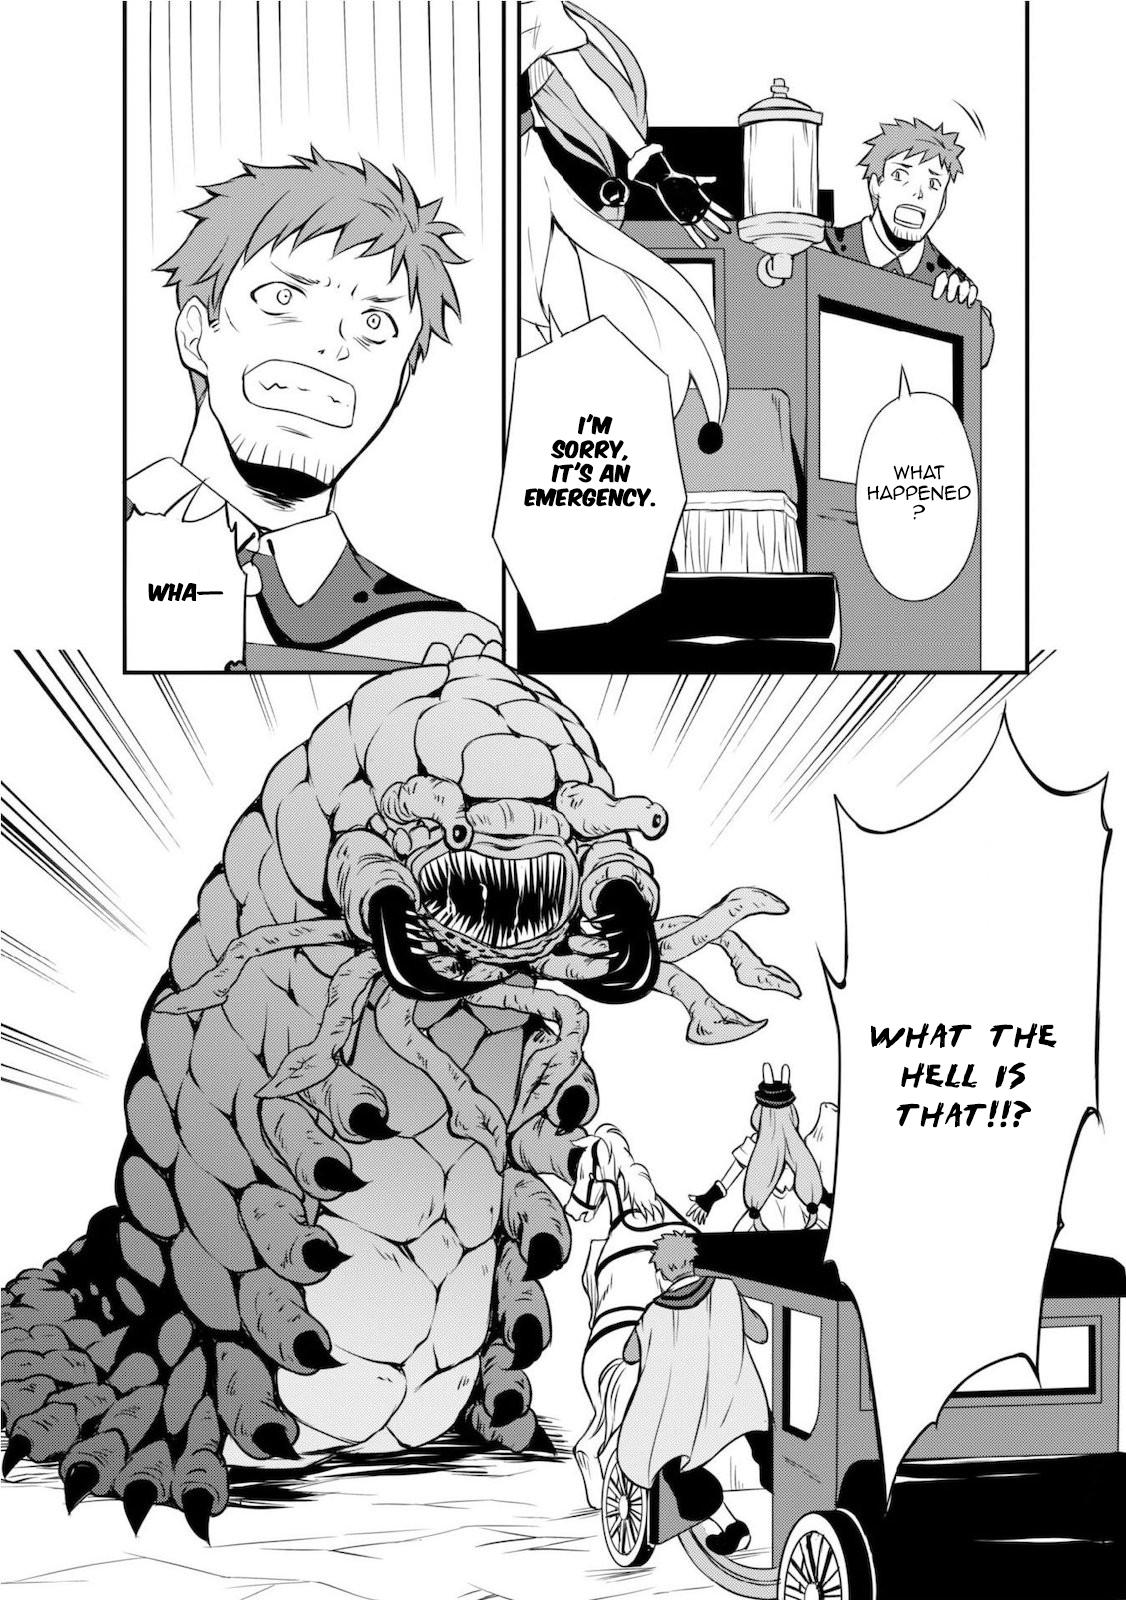 Tensei Shitara Slime Datta Ken: Mamono no Kuni no Arukikata Ch.4